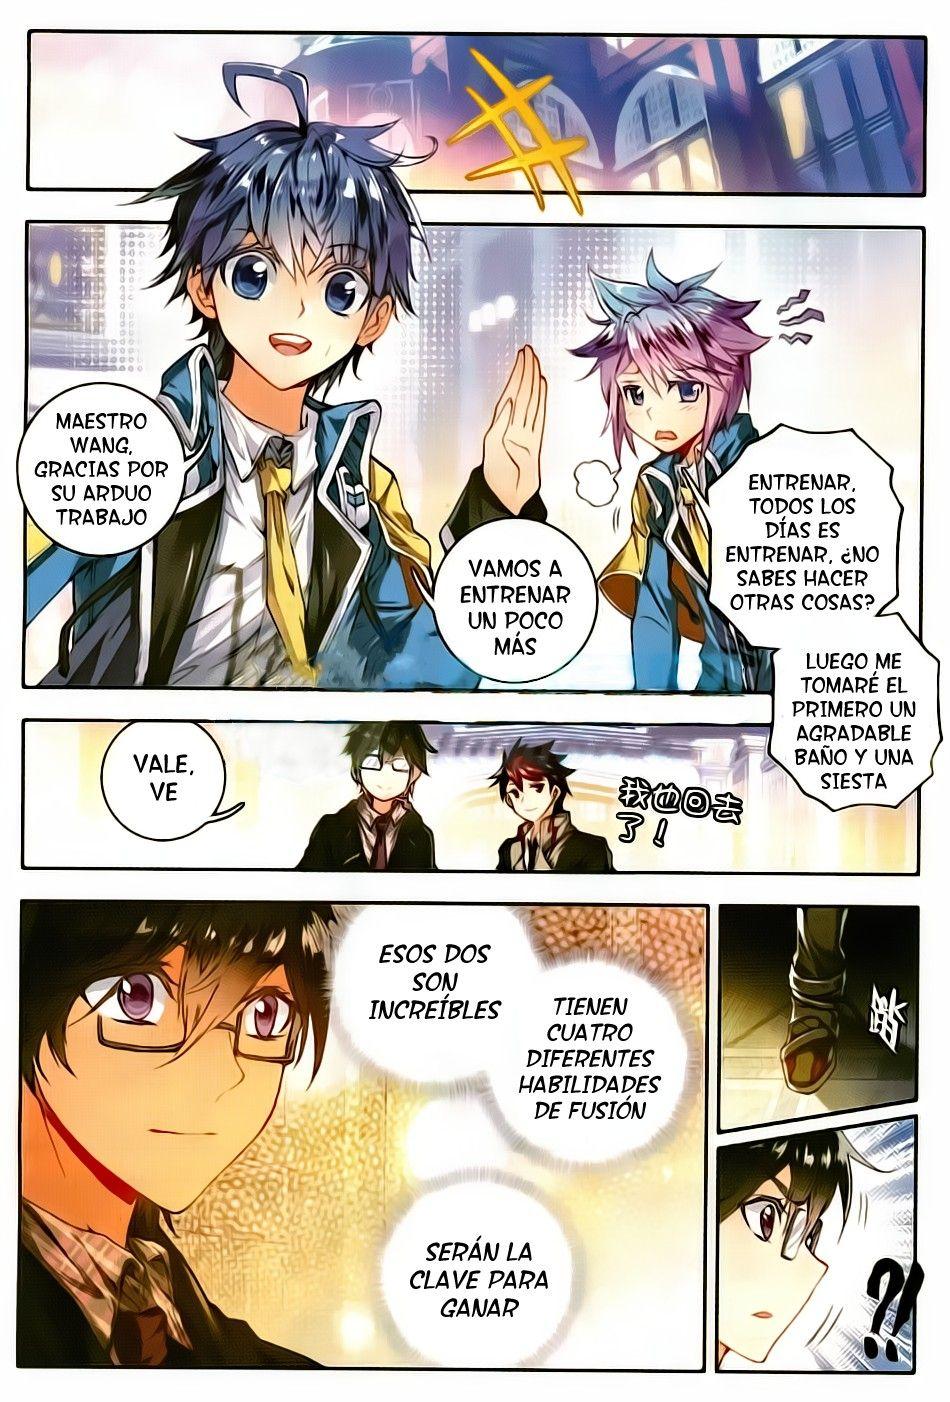 http://c5.ninemanga.com/es_manga/pic2/33/16417/513258/46ee5b0bf6c6c26a155a09dee995d97d.jpg Page 2